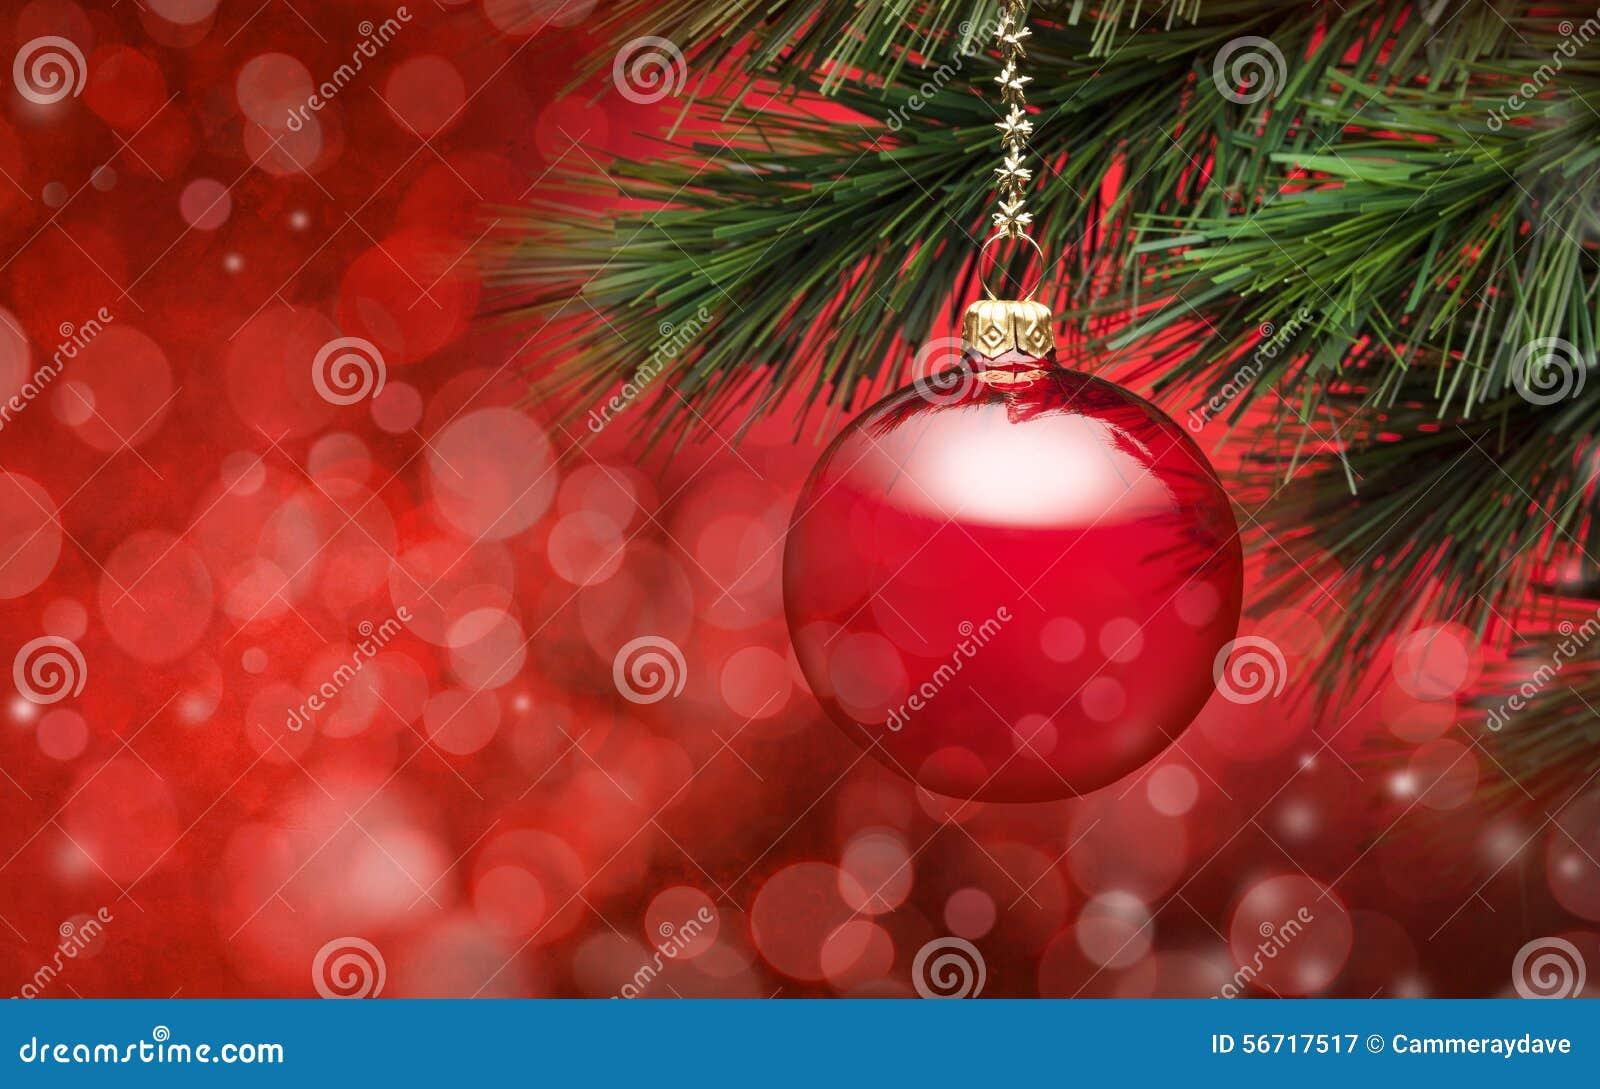 Κόκκινο υπόβαθρο σκηνής χριστουγεννιάτικων δέντρων